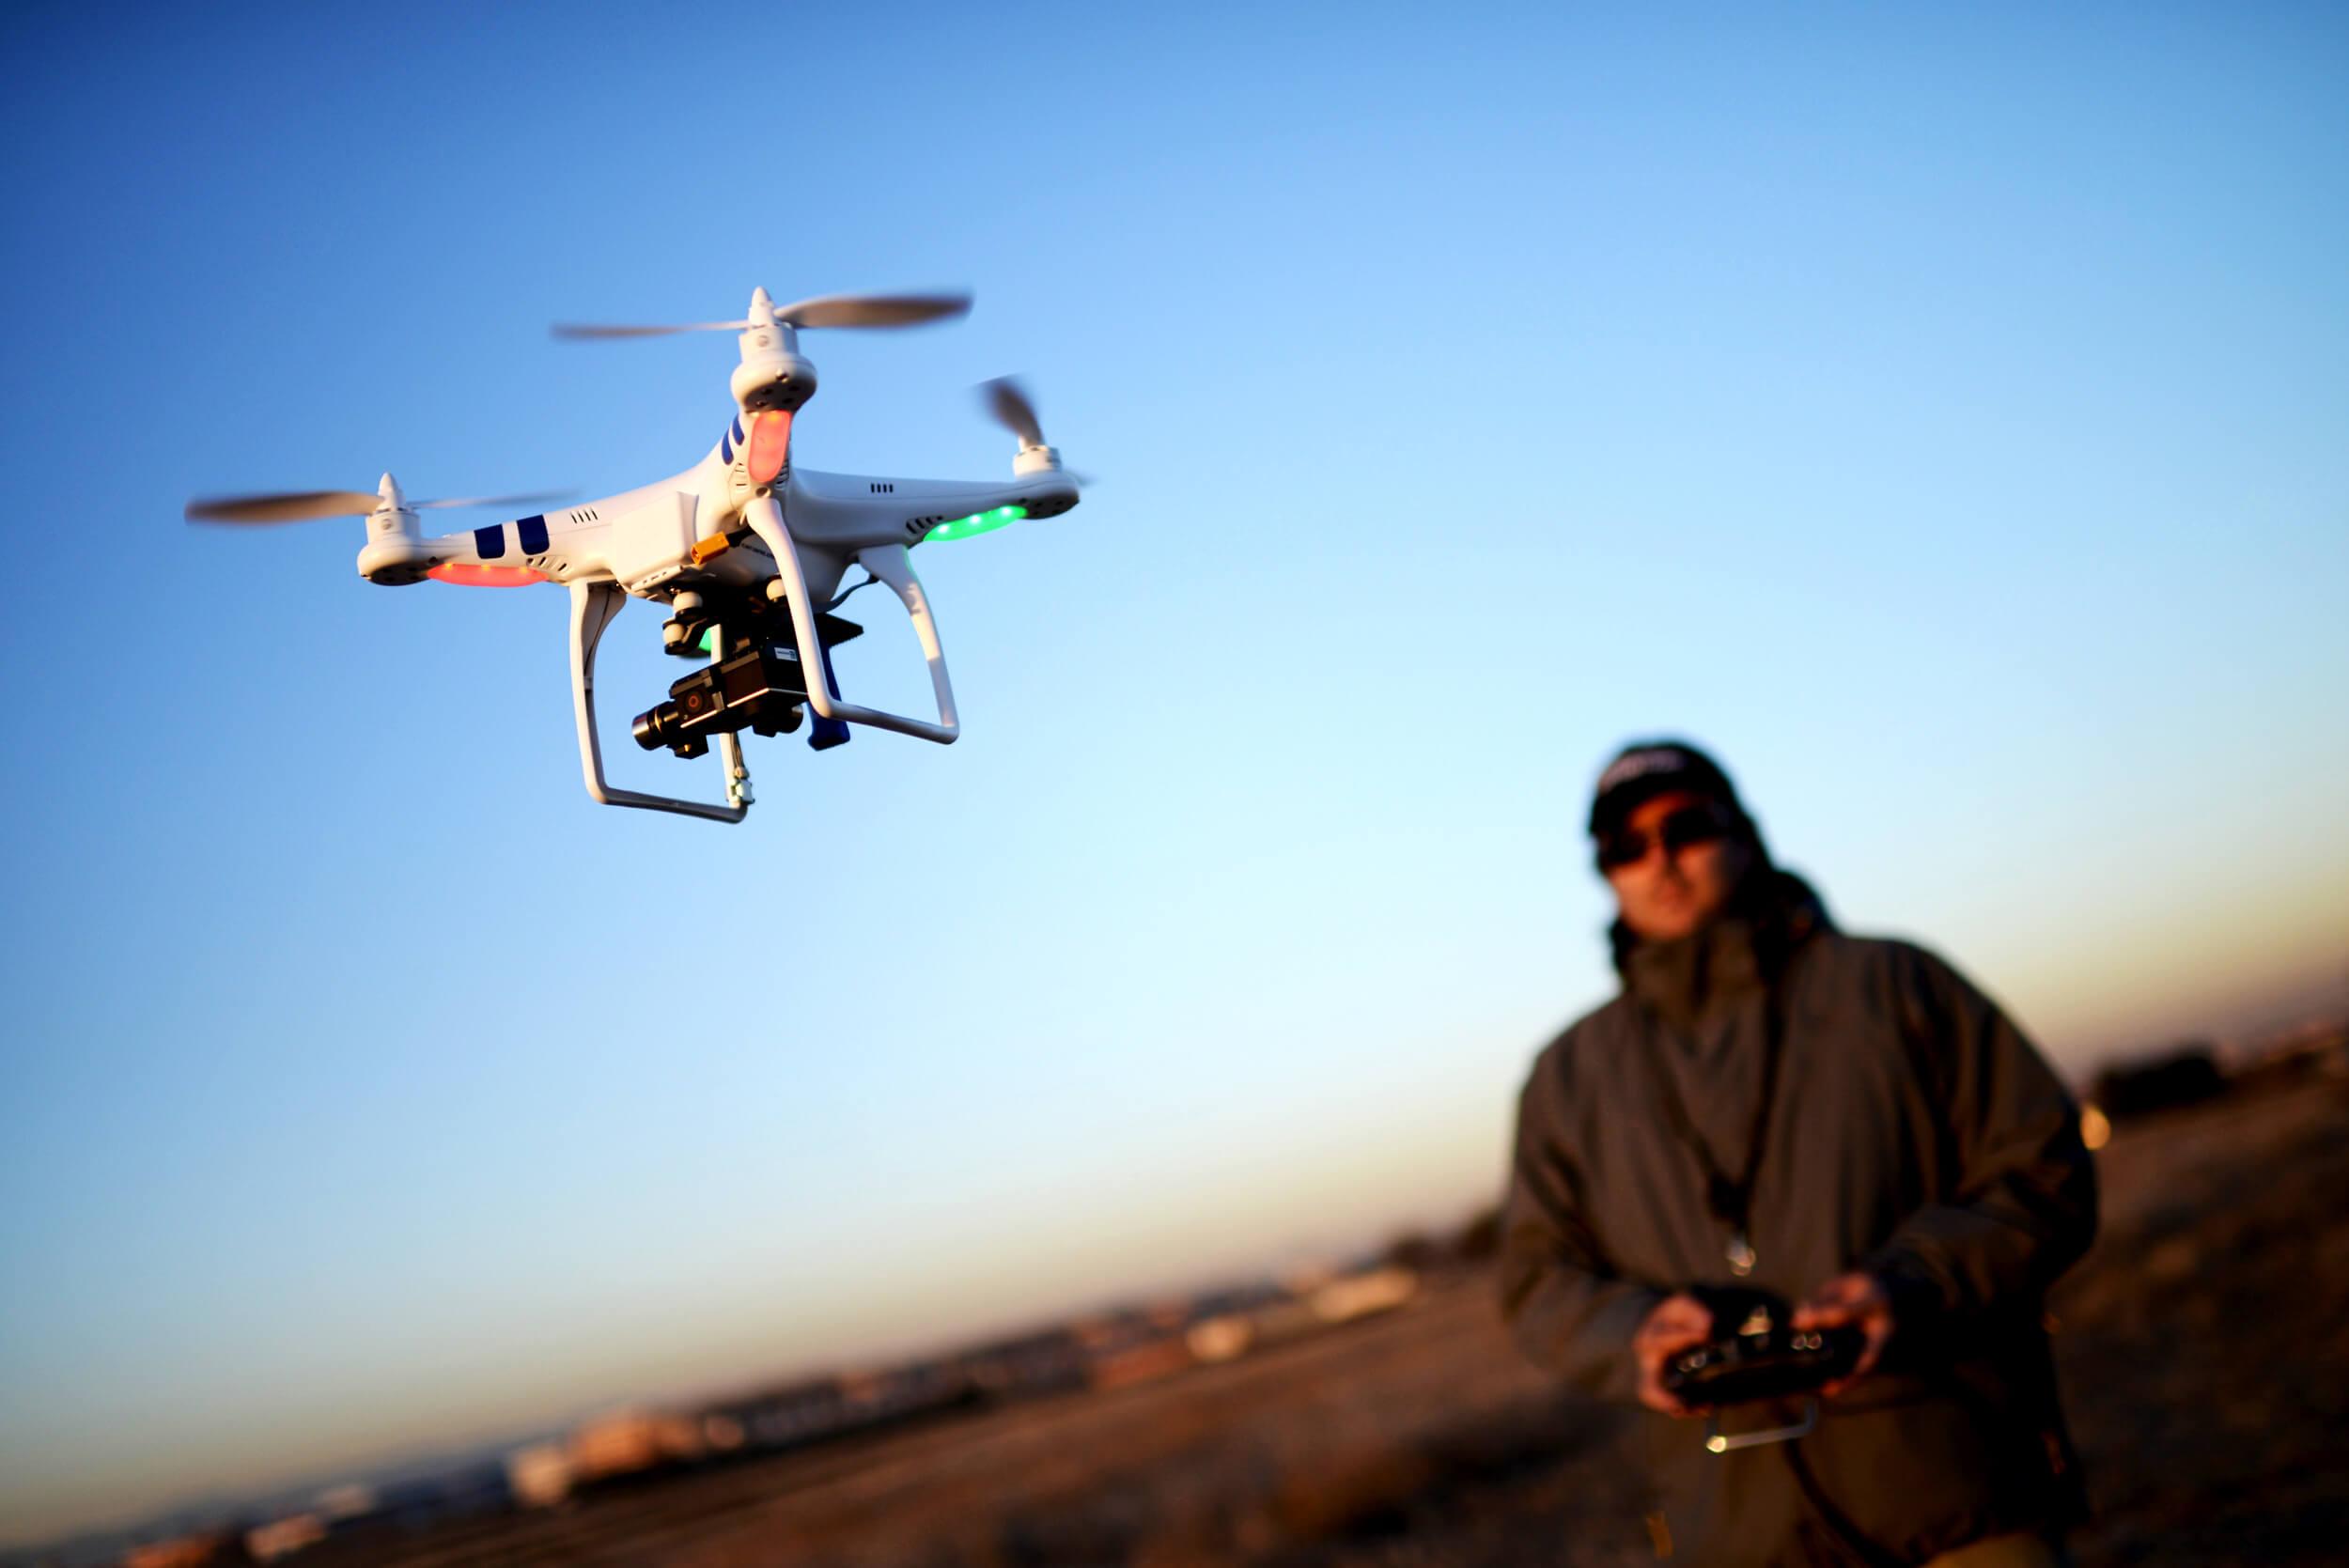 Yeni Başlayanlar İçin Drone Teknolojisi ve Drone Servisi